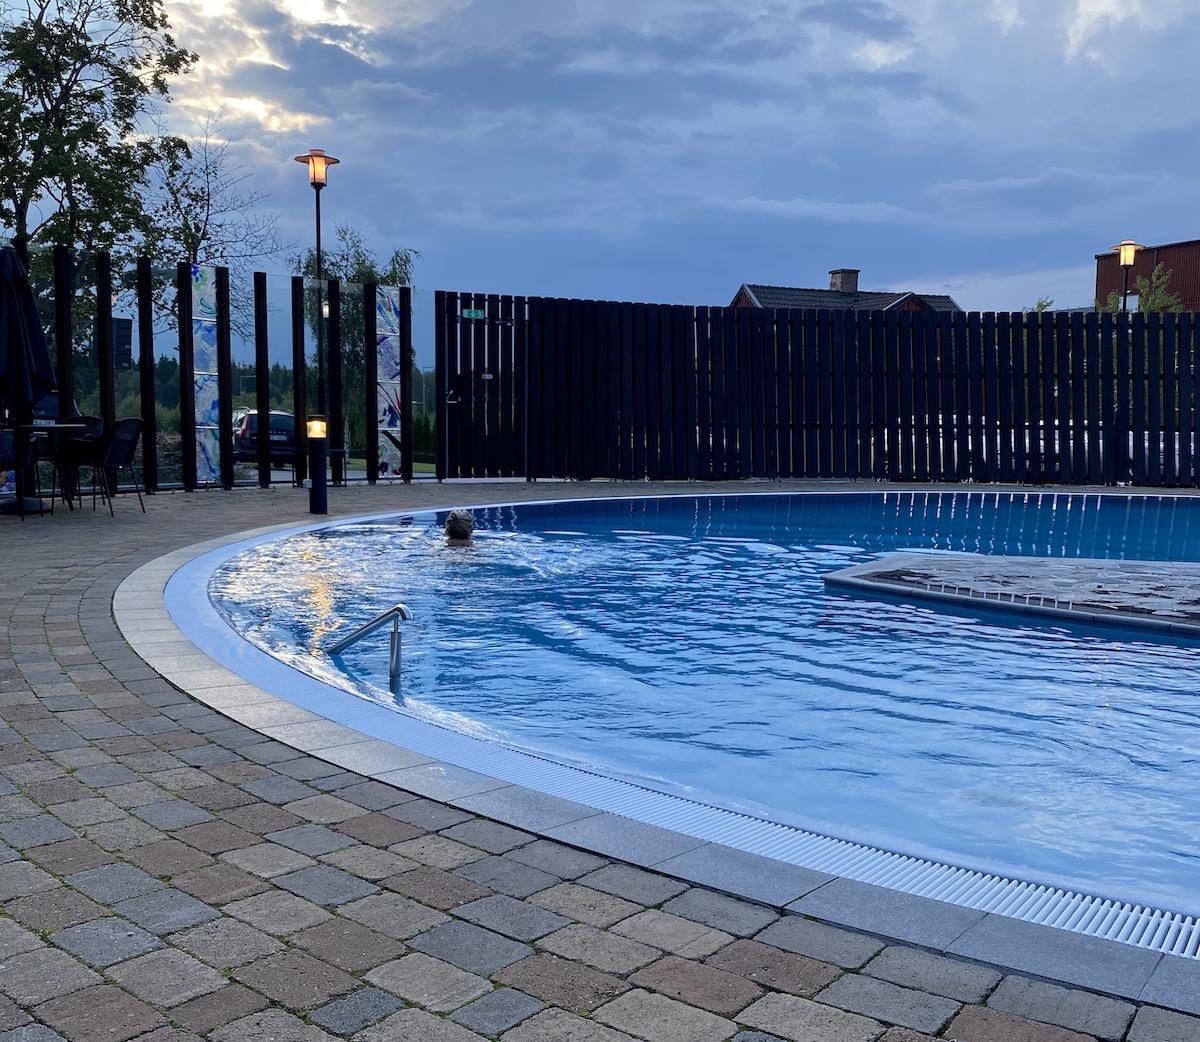 Det är nästan mörkt ute och Elin simmar i den rundade poolen.